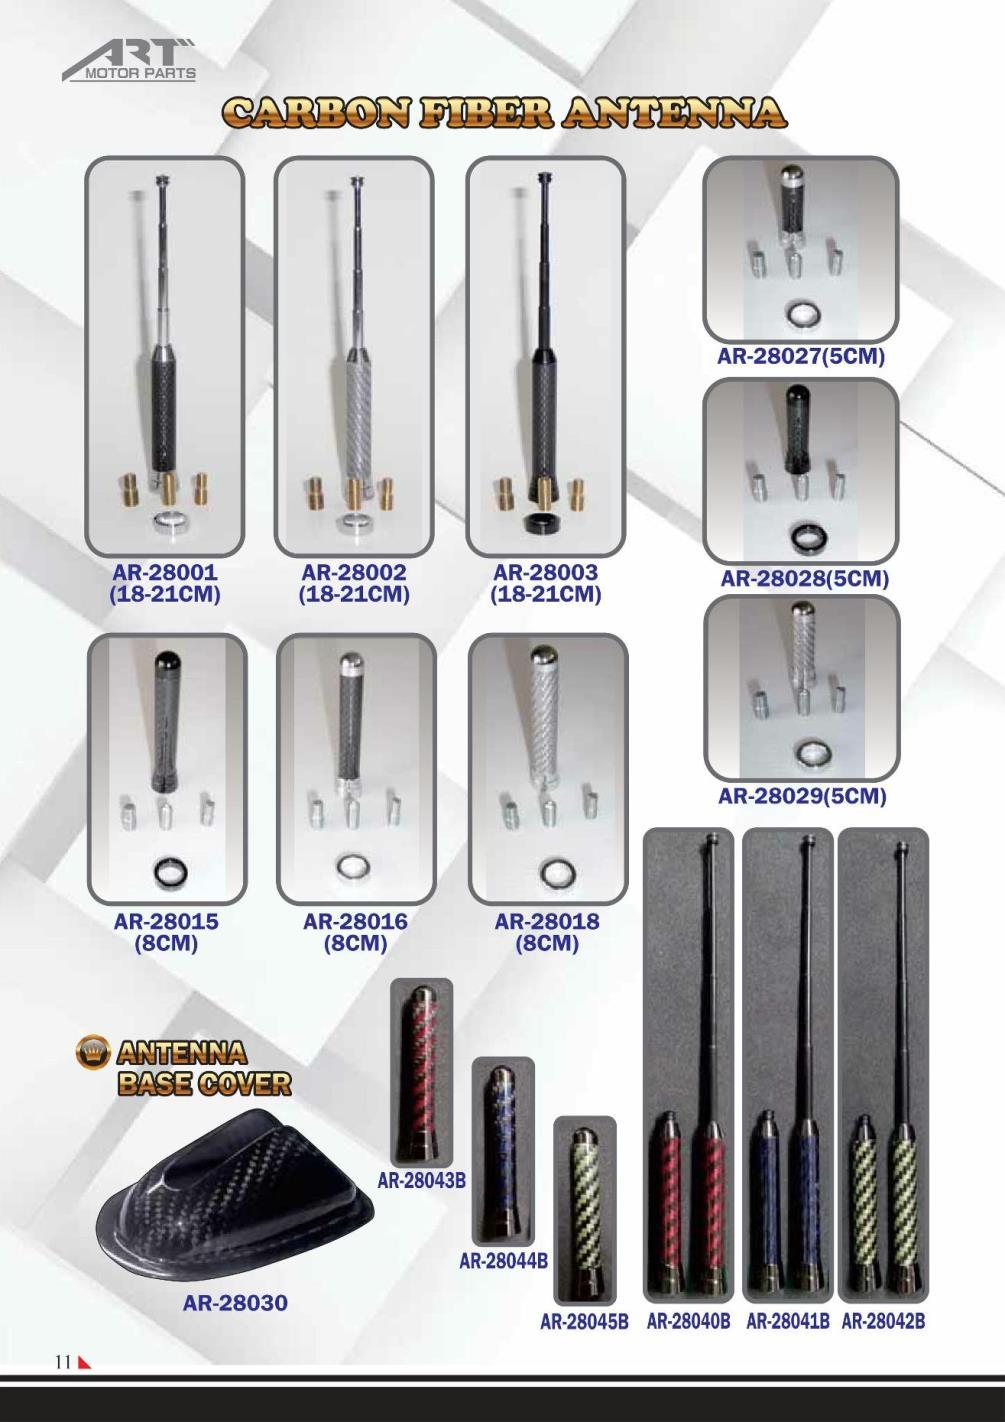 中源科技-產品dm-1080417s_imgs-0012